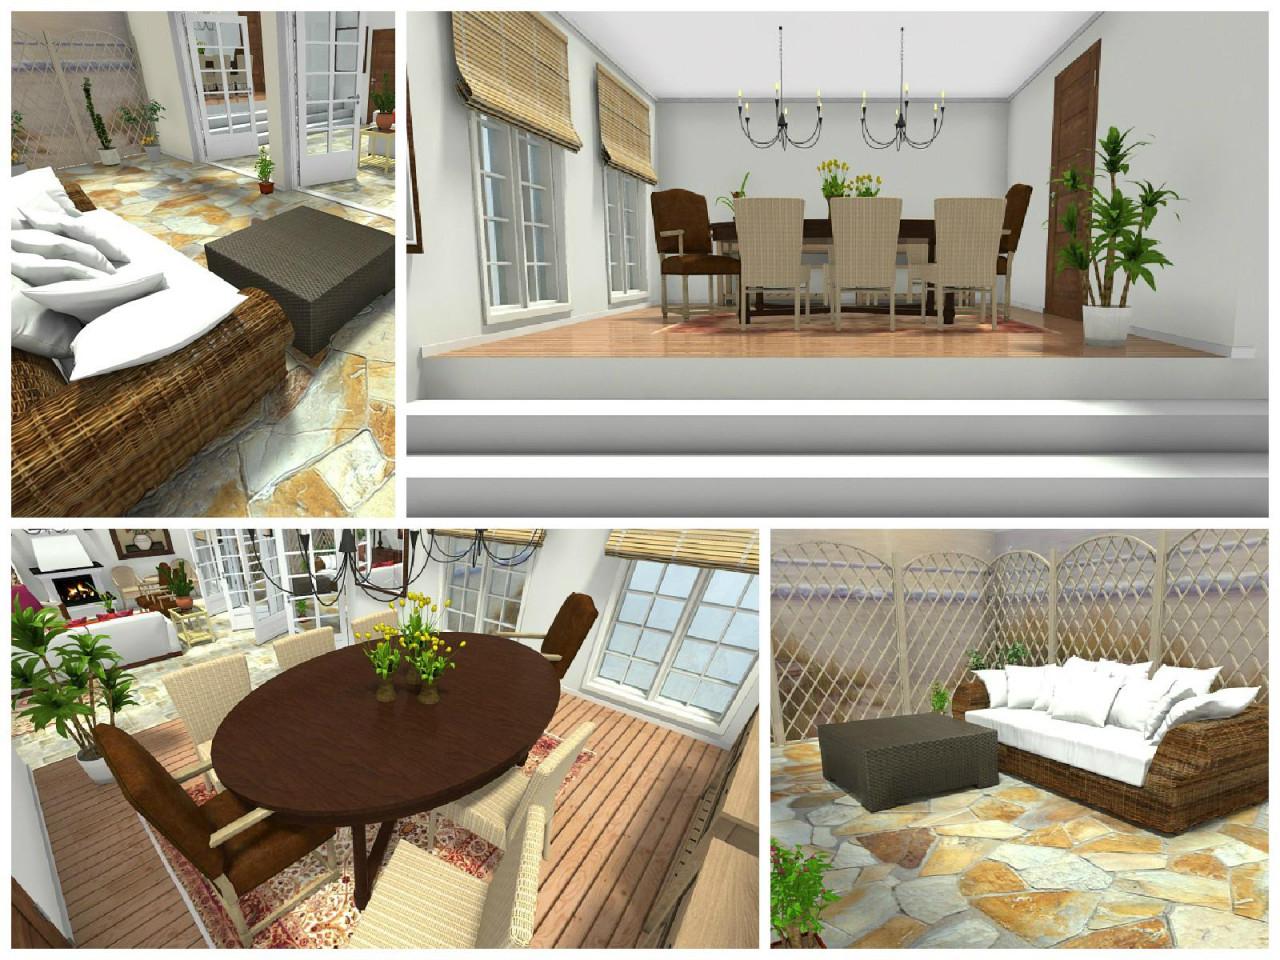 Mediterranes Wohnzimmer • Bilder  Ideen • Couch von Mediterranes Wohnzimmer Gestalten Photo